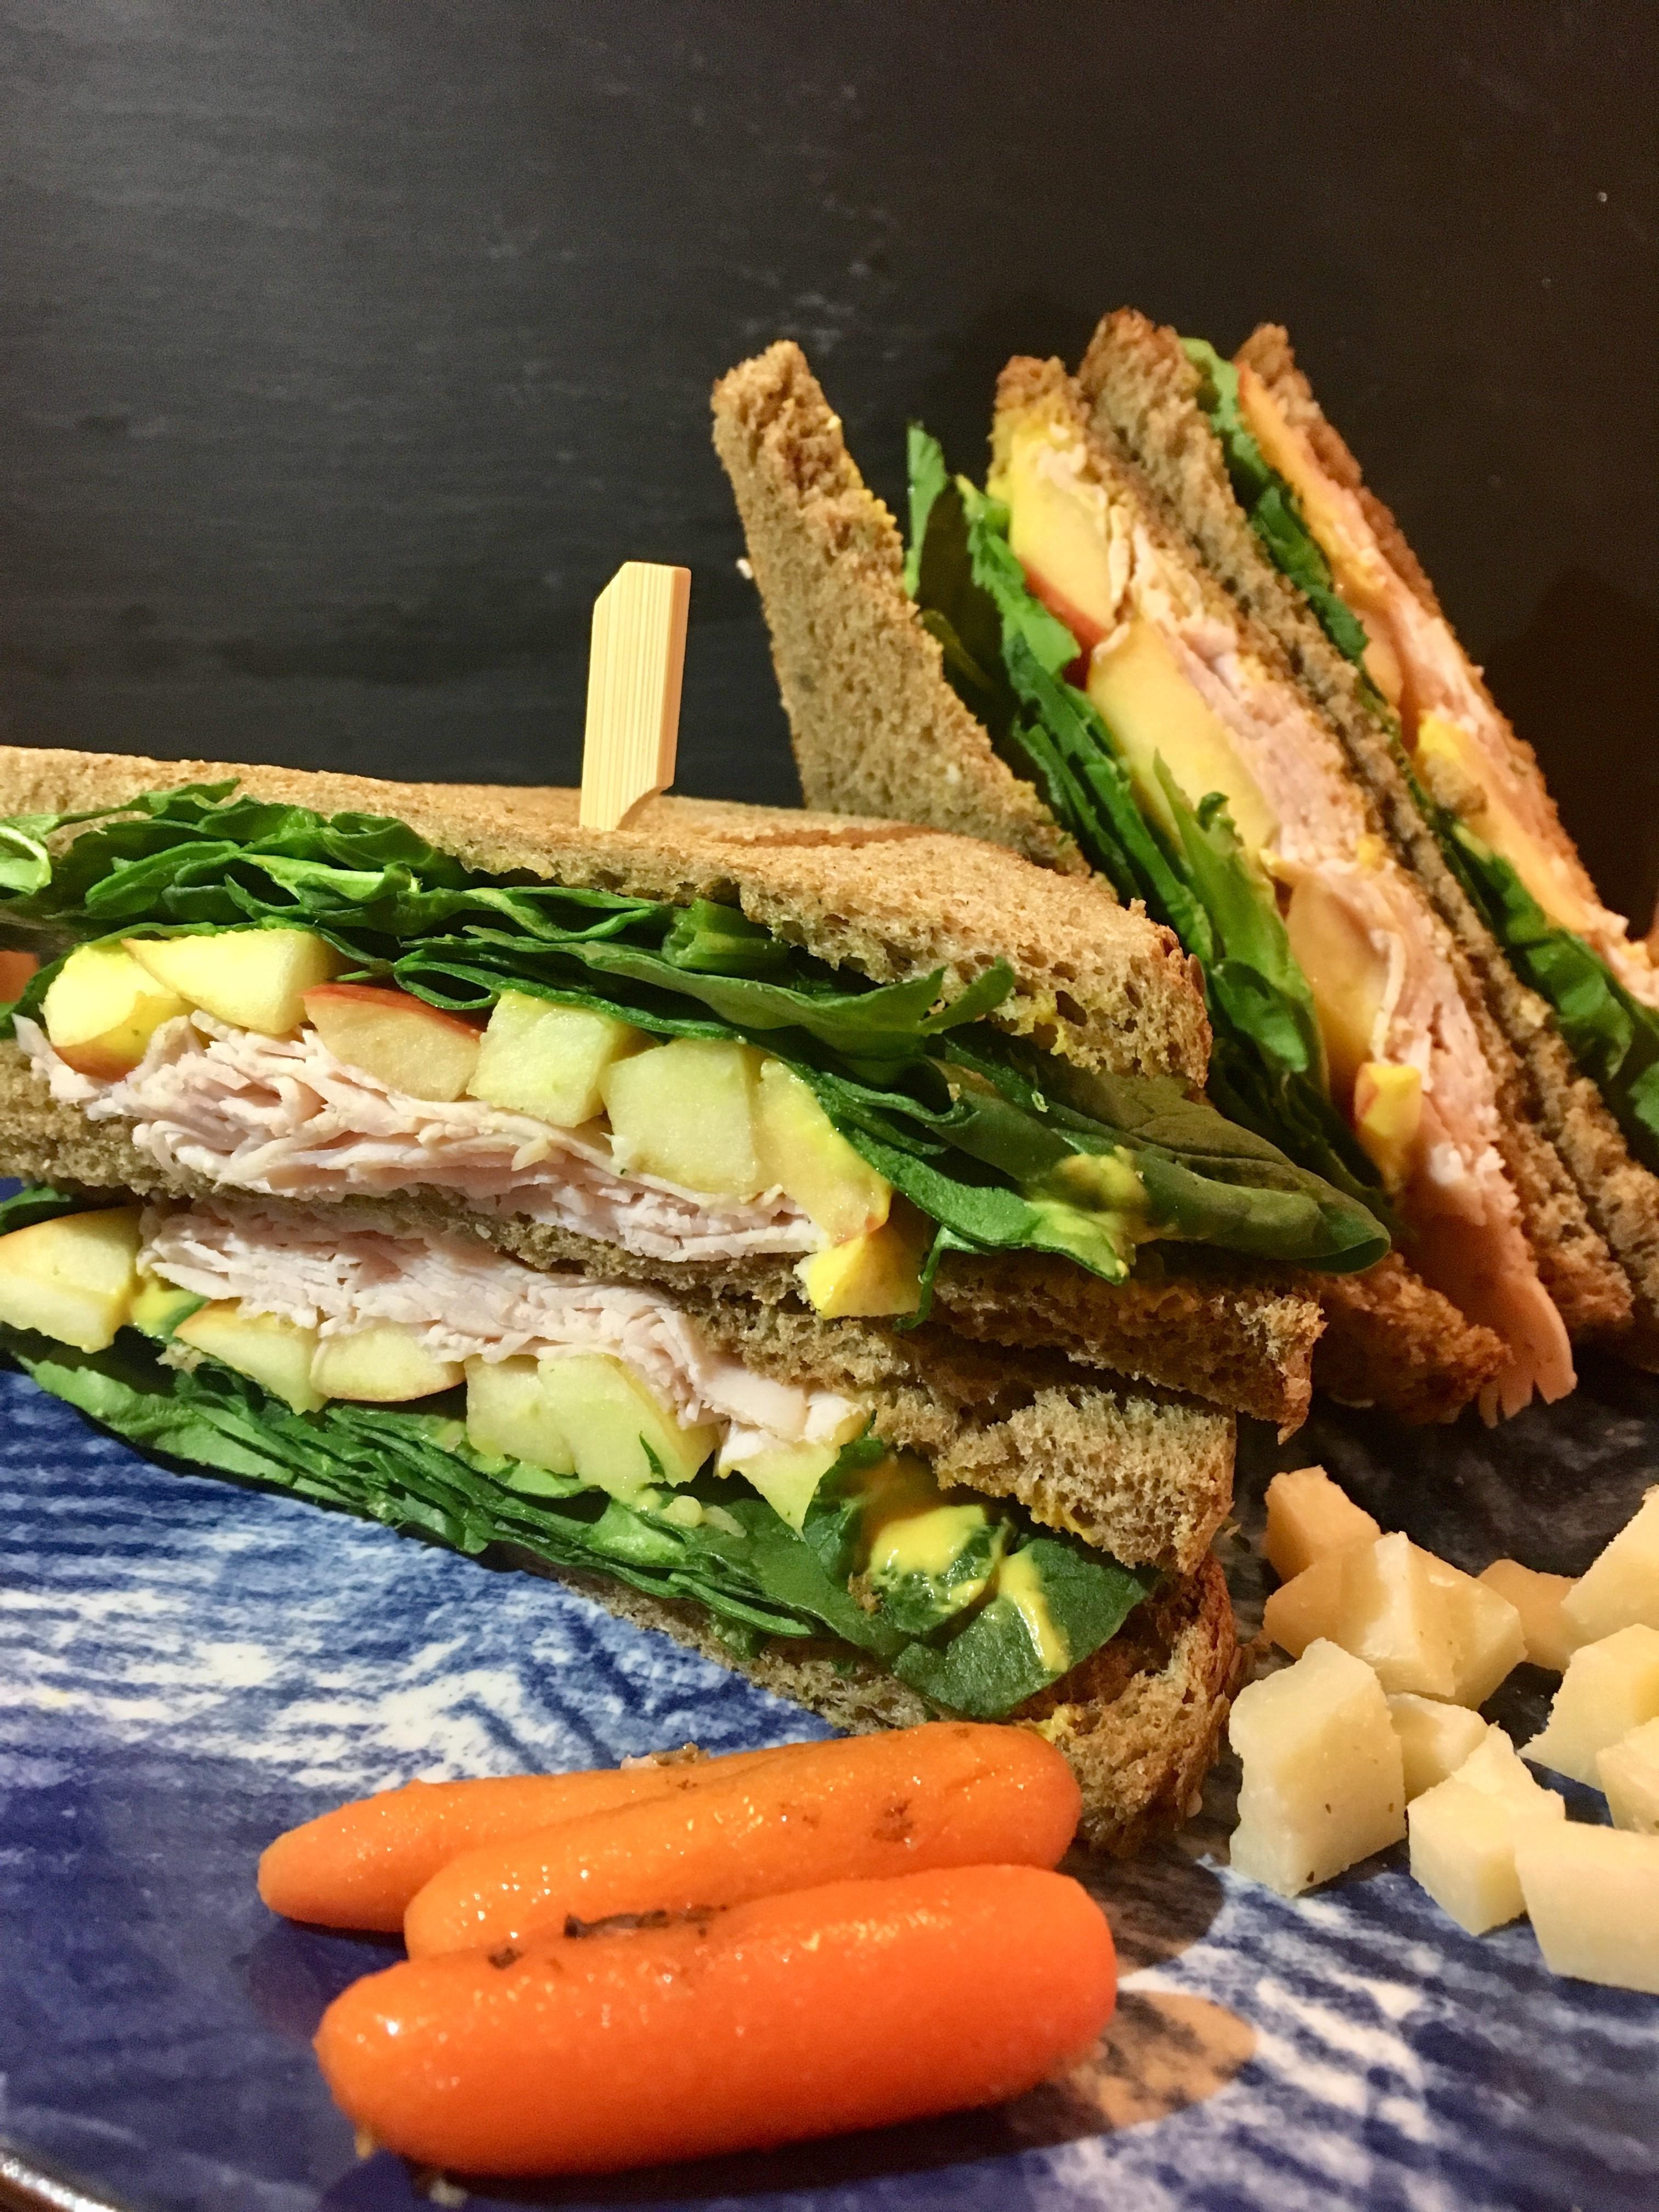 Sandwich de pavo, manzana, espinacas